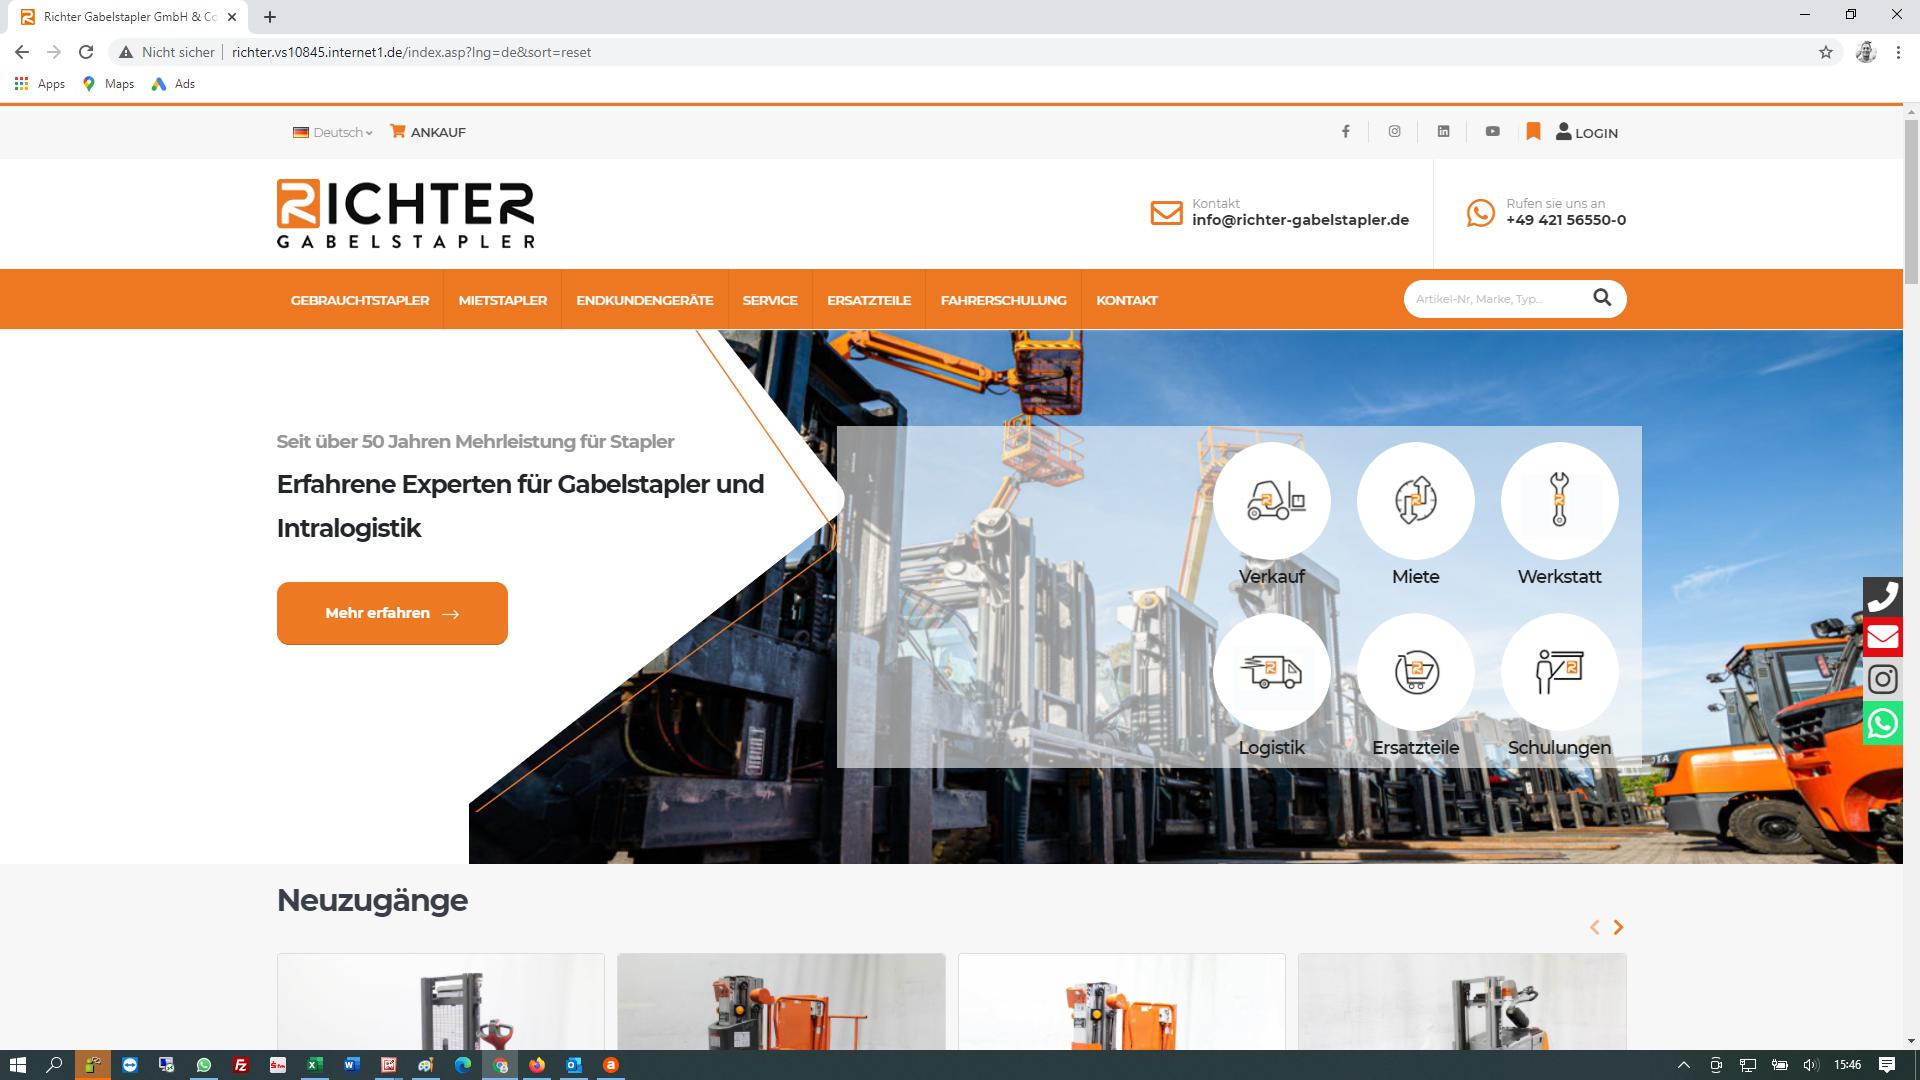 Richter Gabelstapler GmbH & Co. KG